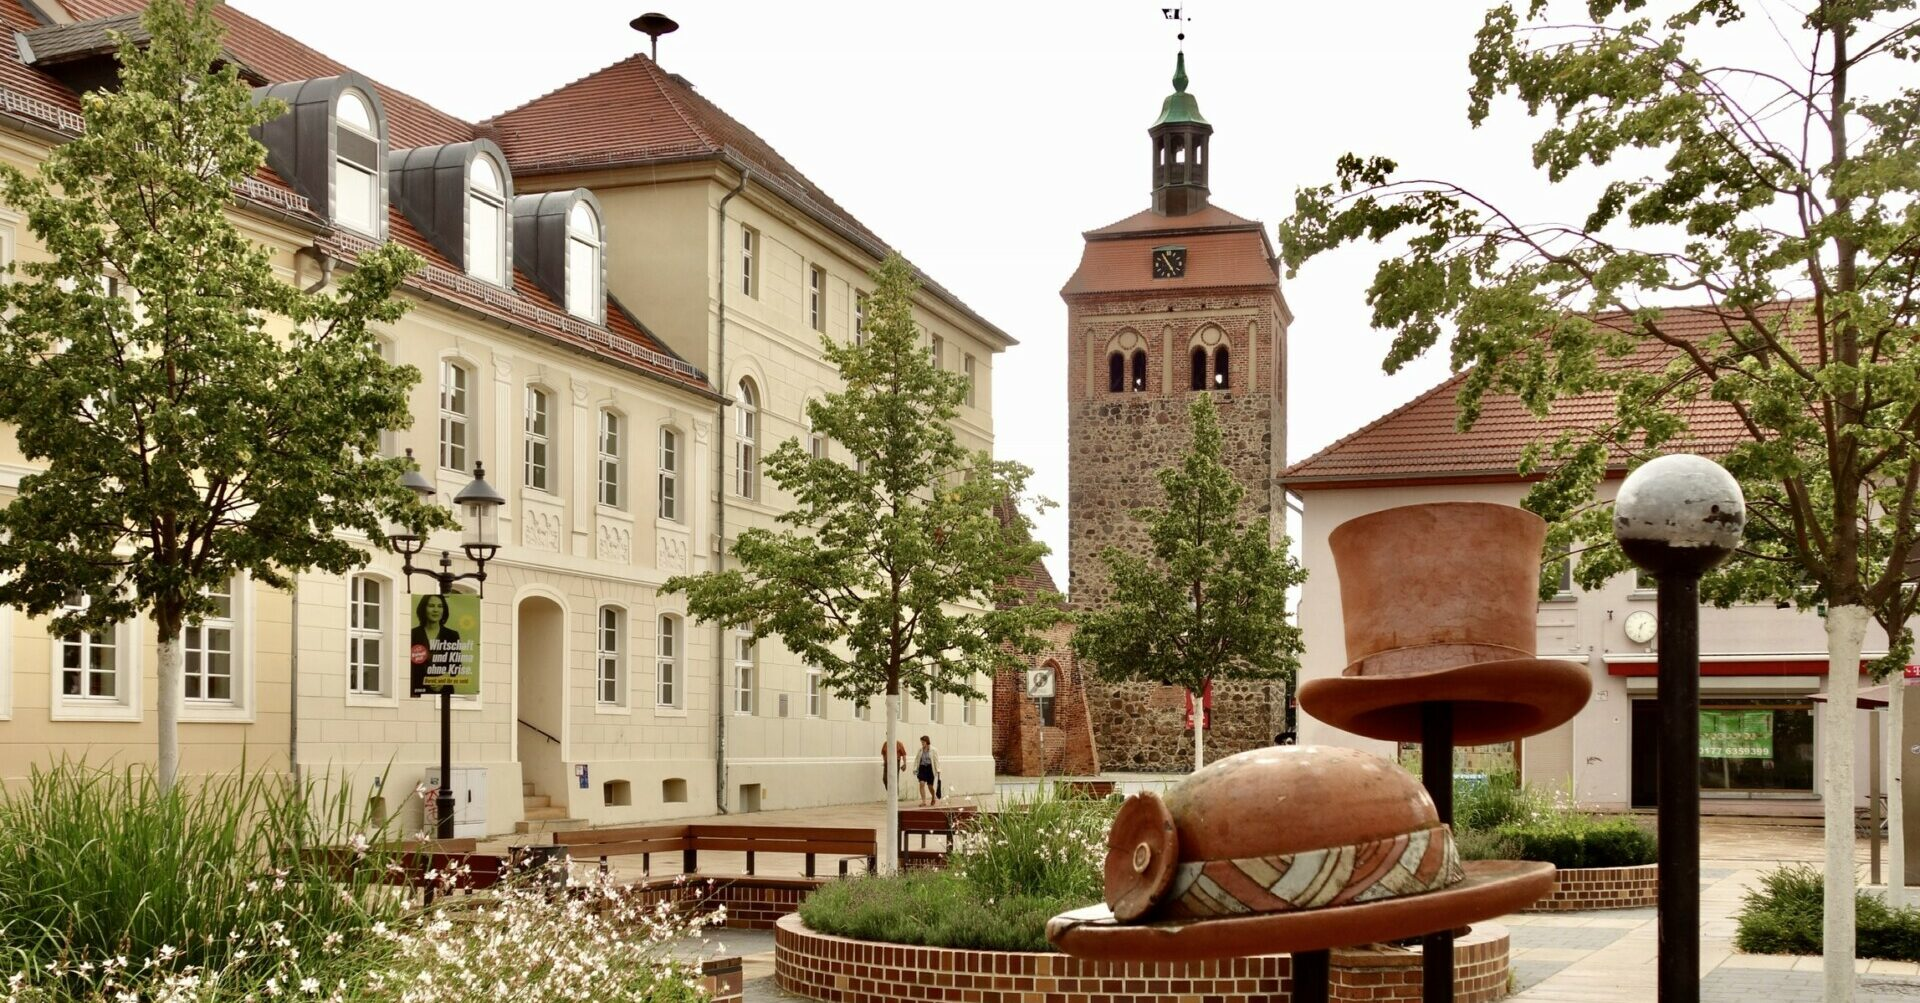 Luckenwalde, Blick auf den Marktturm